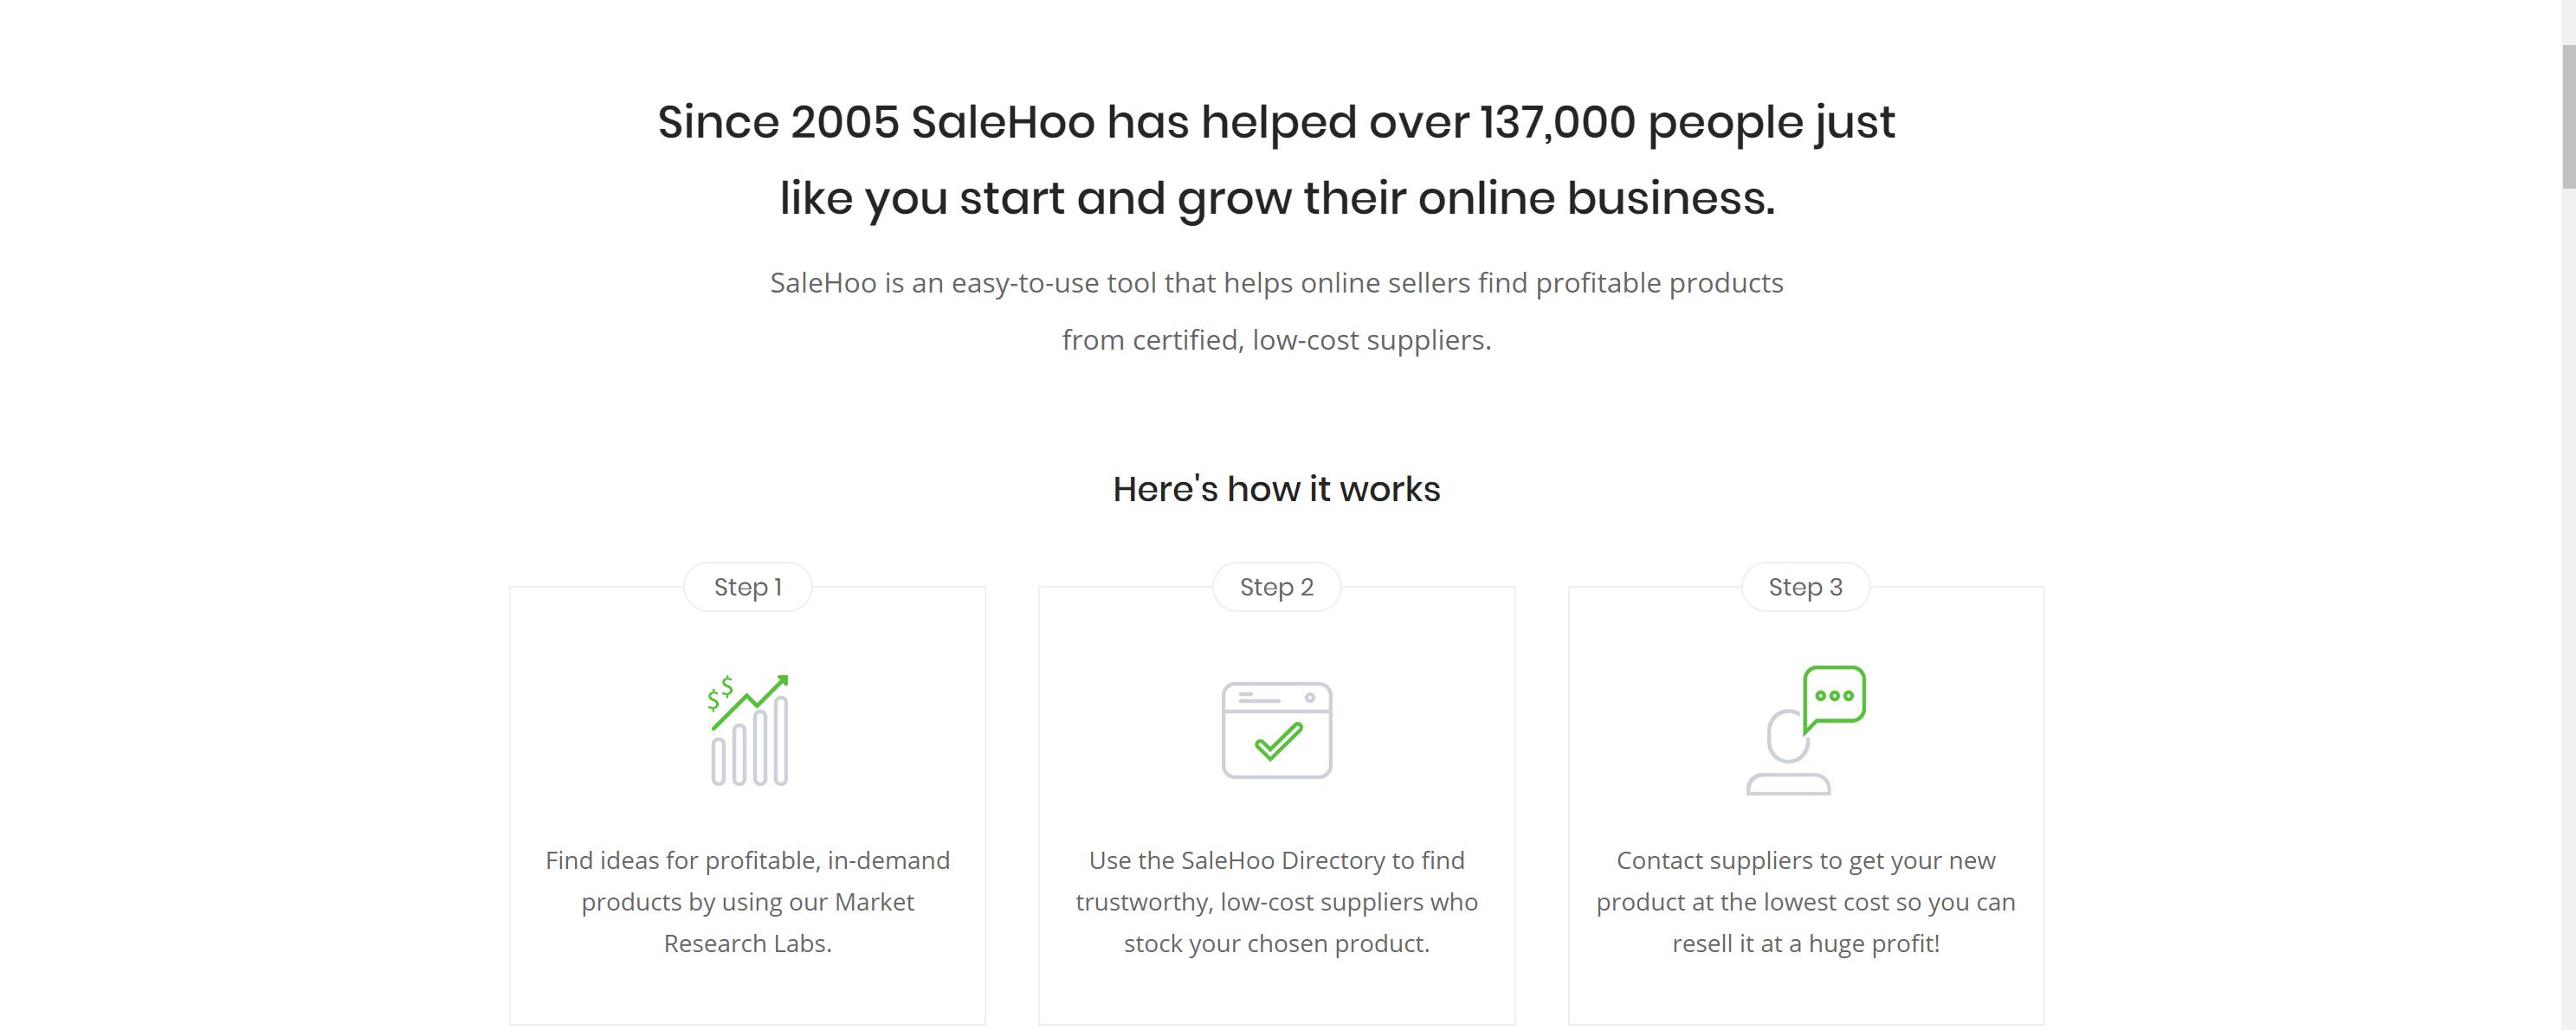 SaleHoo scam or legit